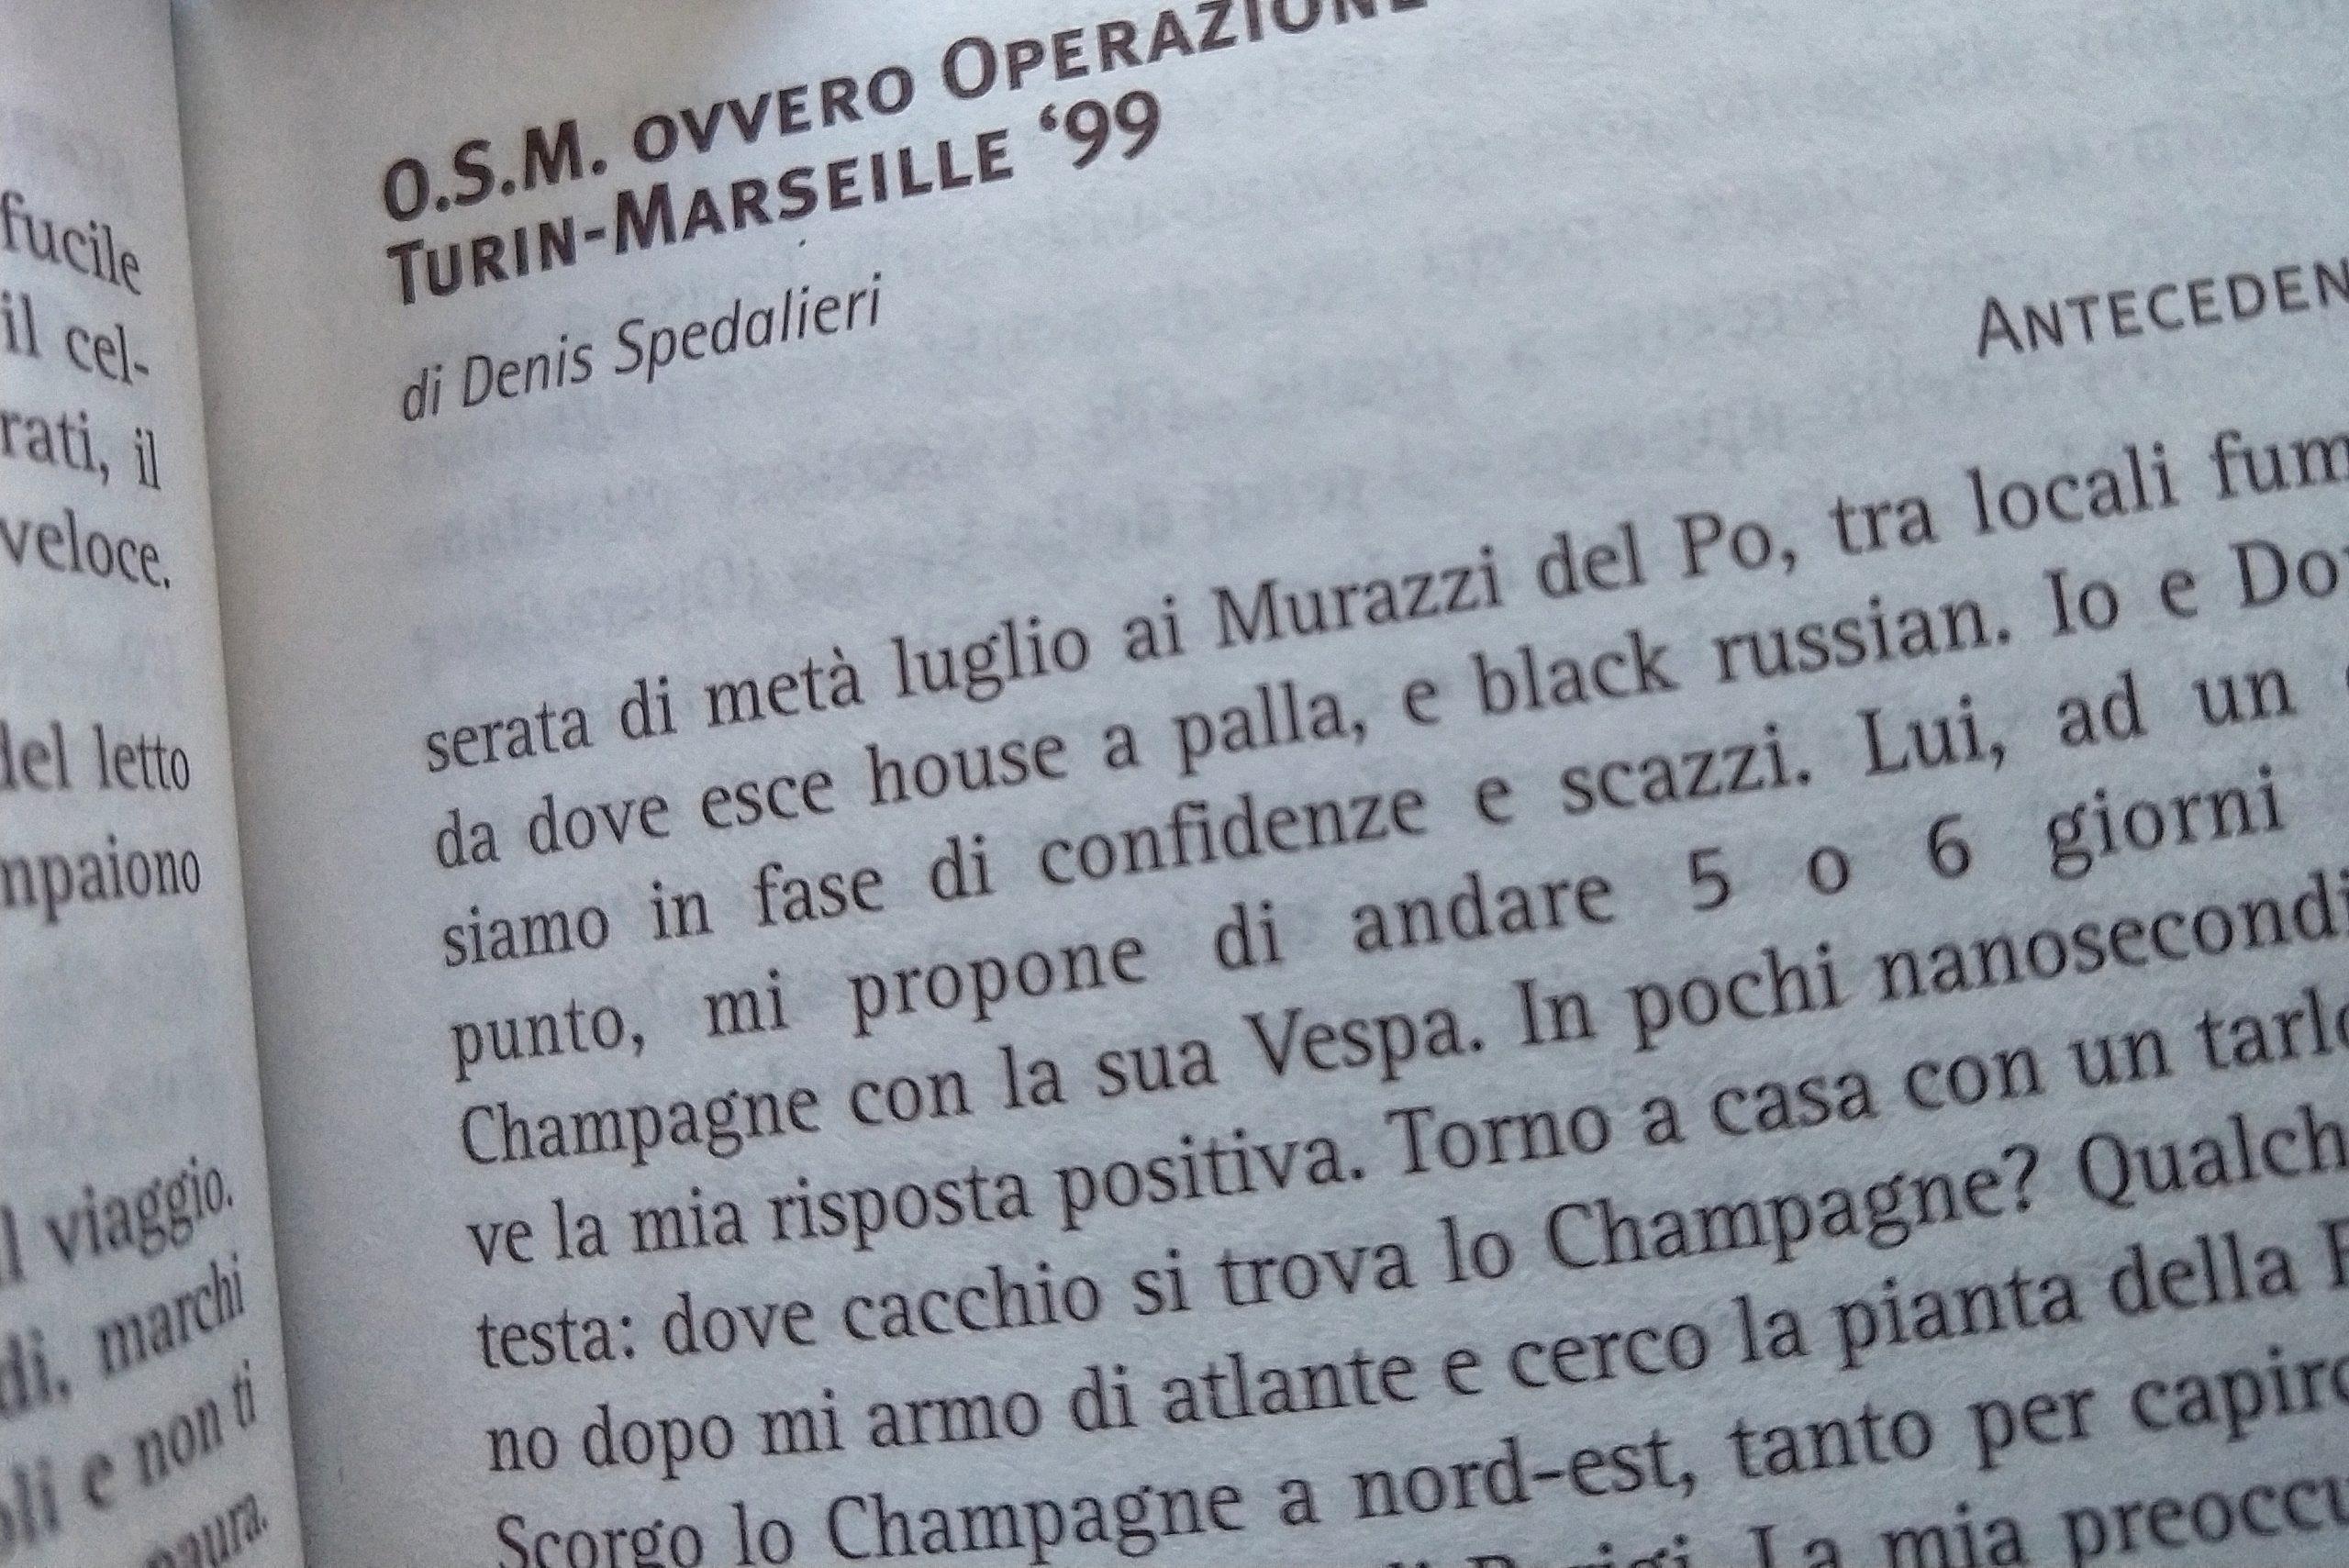 OSM OPERAZIONE SAPONE MARSIGLIA, Turin-Marseille 1999, Denis Spedalieri